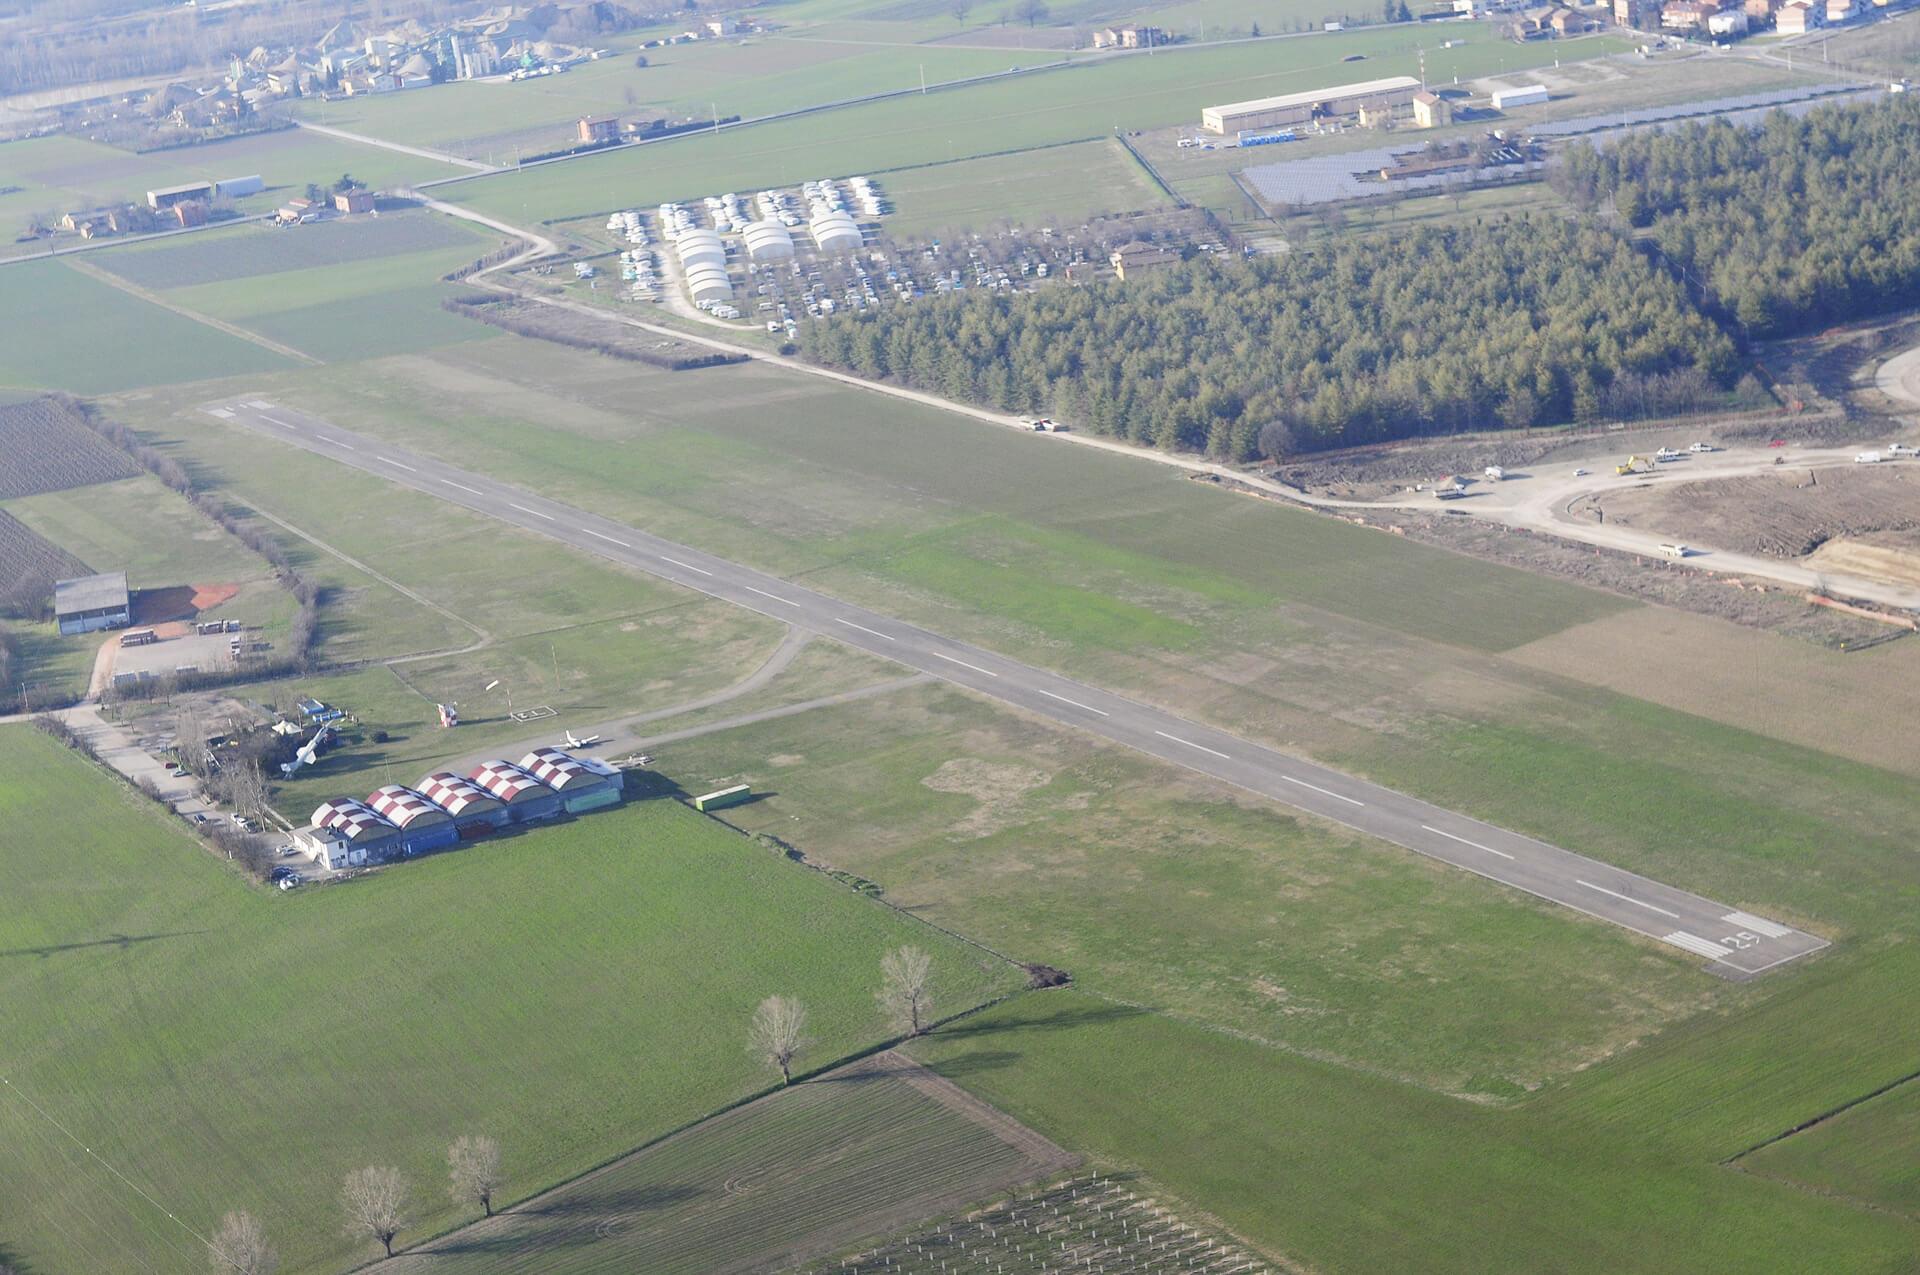 Circuito Modena : Non categorizzato u2013 aeroclub modena